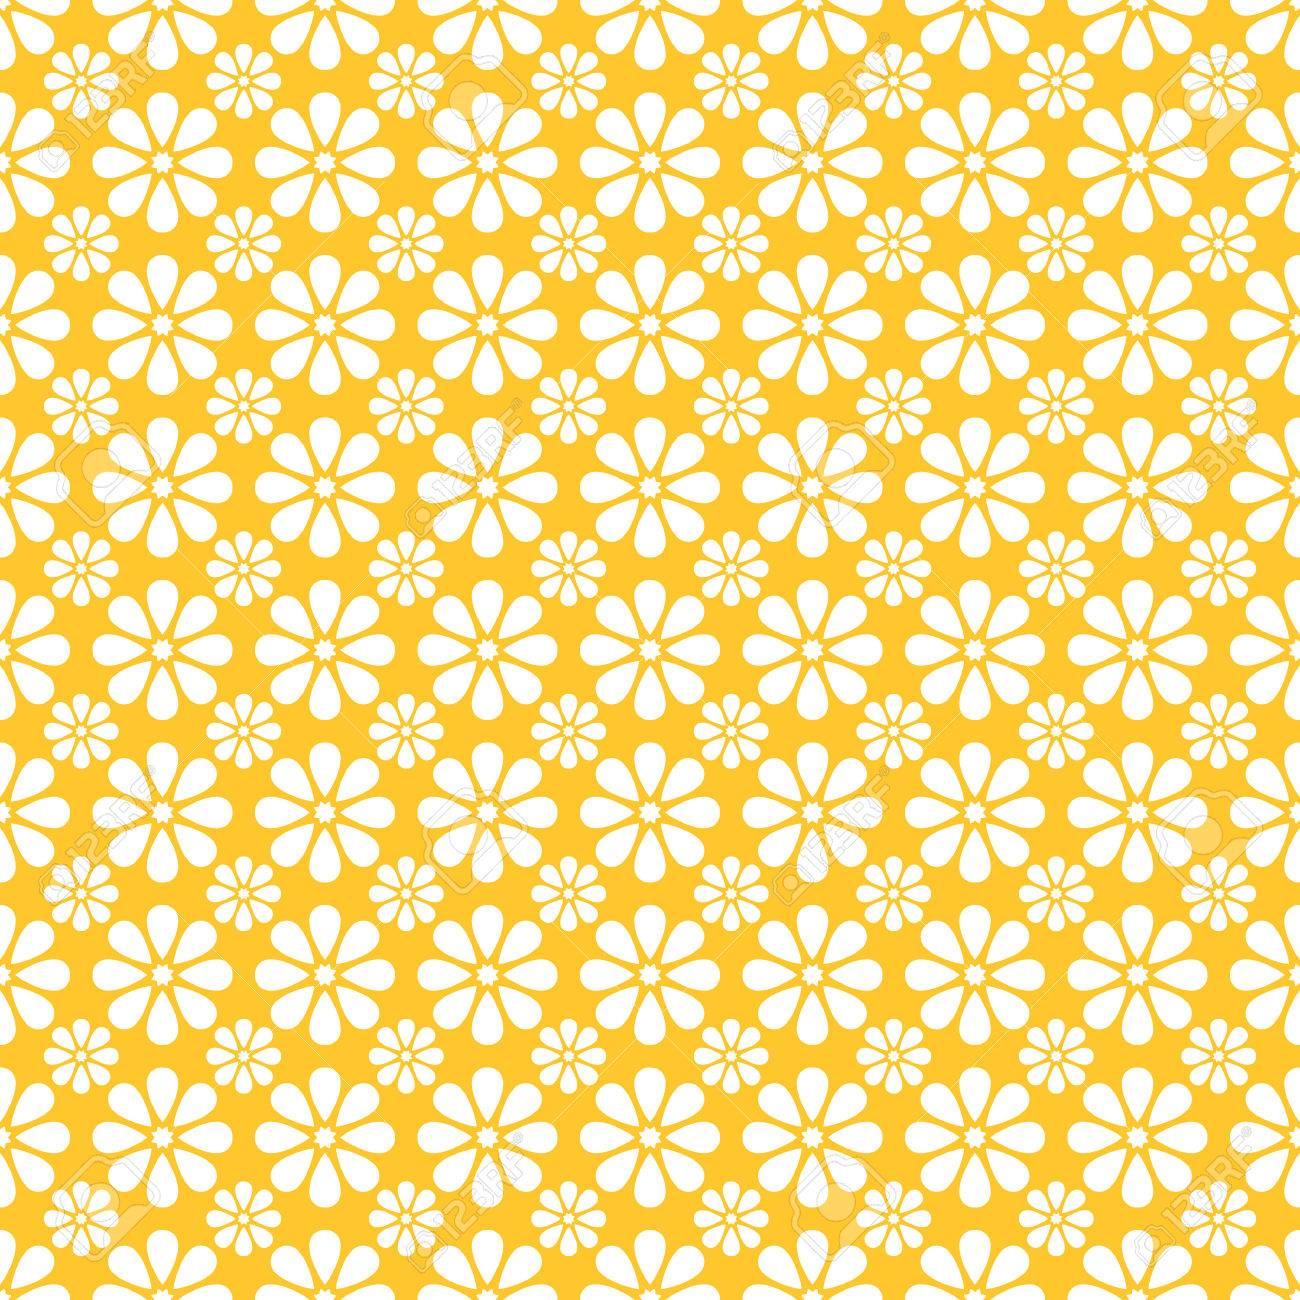 vintage vecteur different seamless pattern texture sans fin pour le papier peint remplir fond de page web la texture de surface monochrome